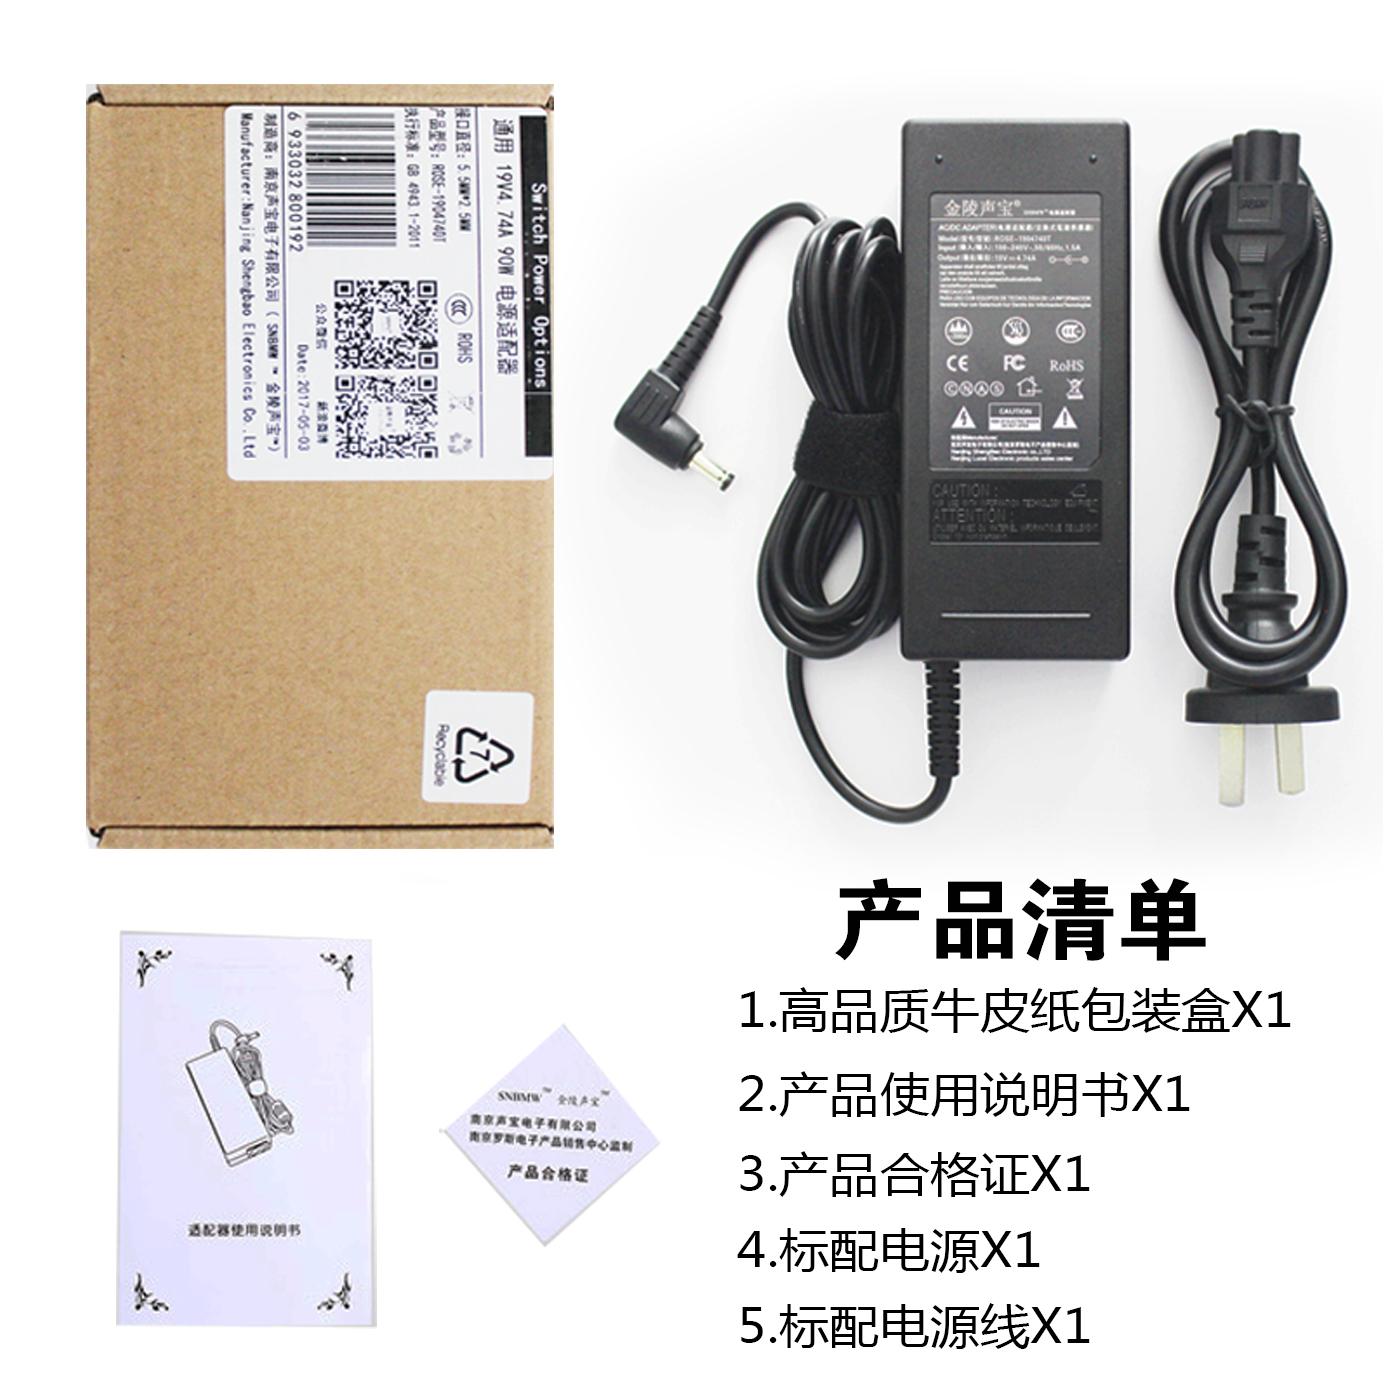 ASUS Notebook Charger A8A53SA55VA43sA56 computer 19V4.74A power adapter